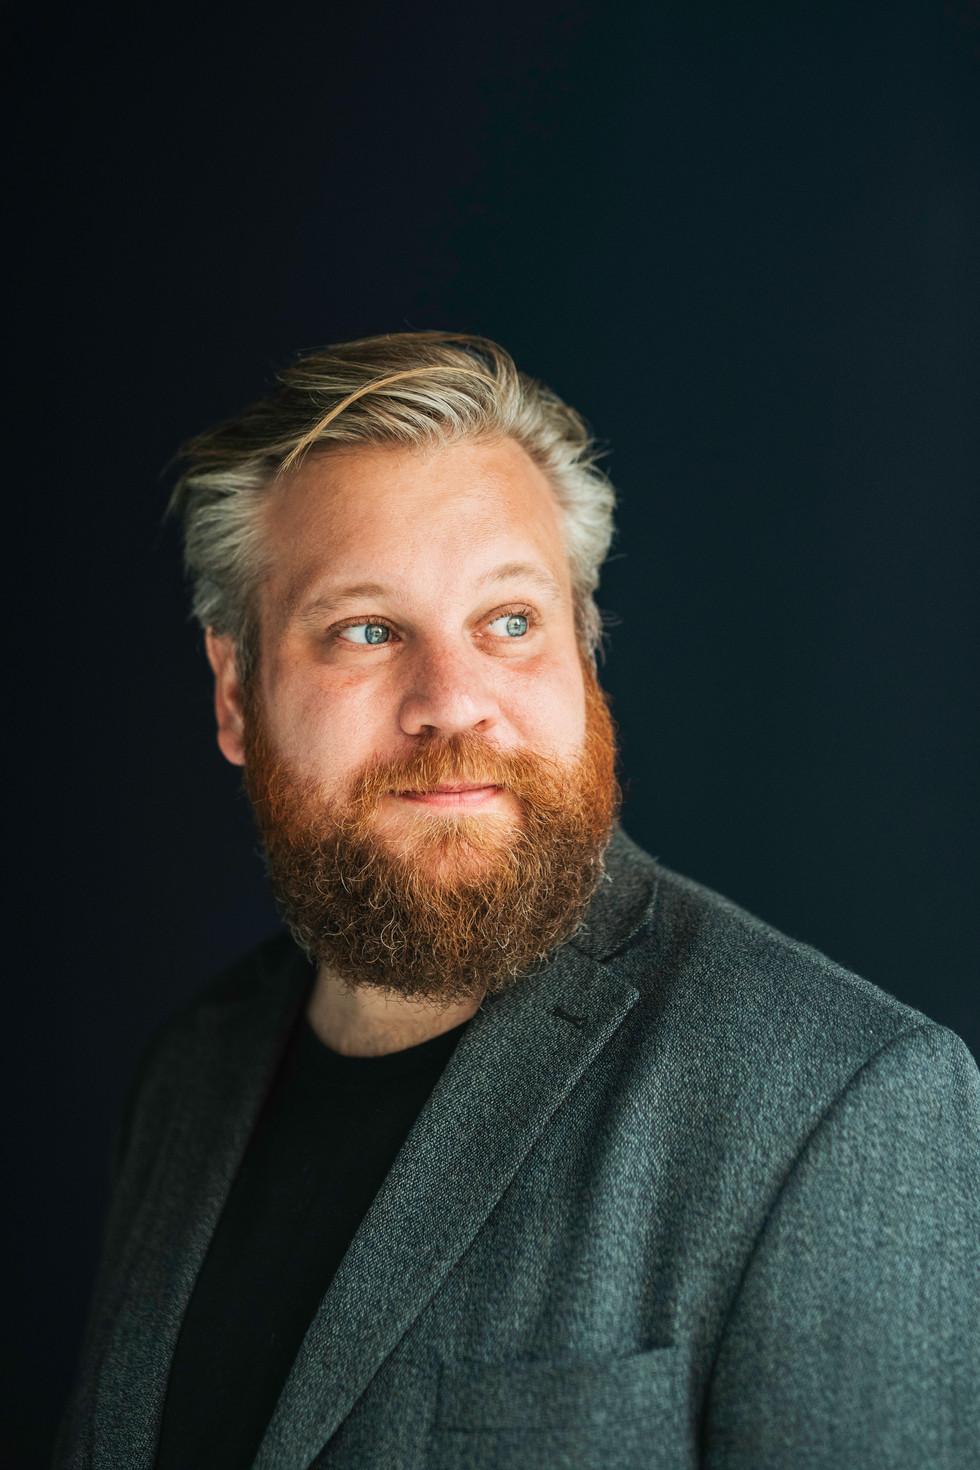 Mikkel Bækgaard